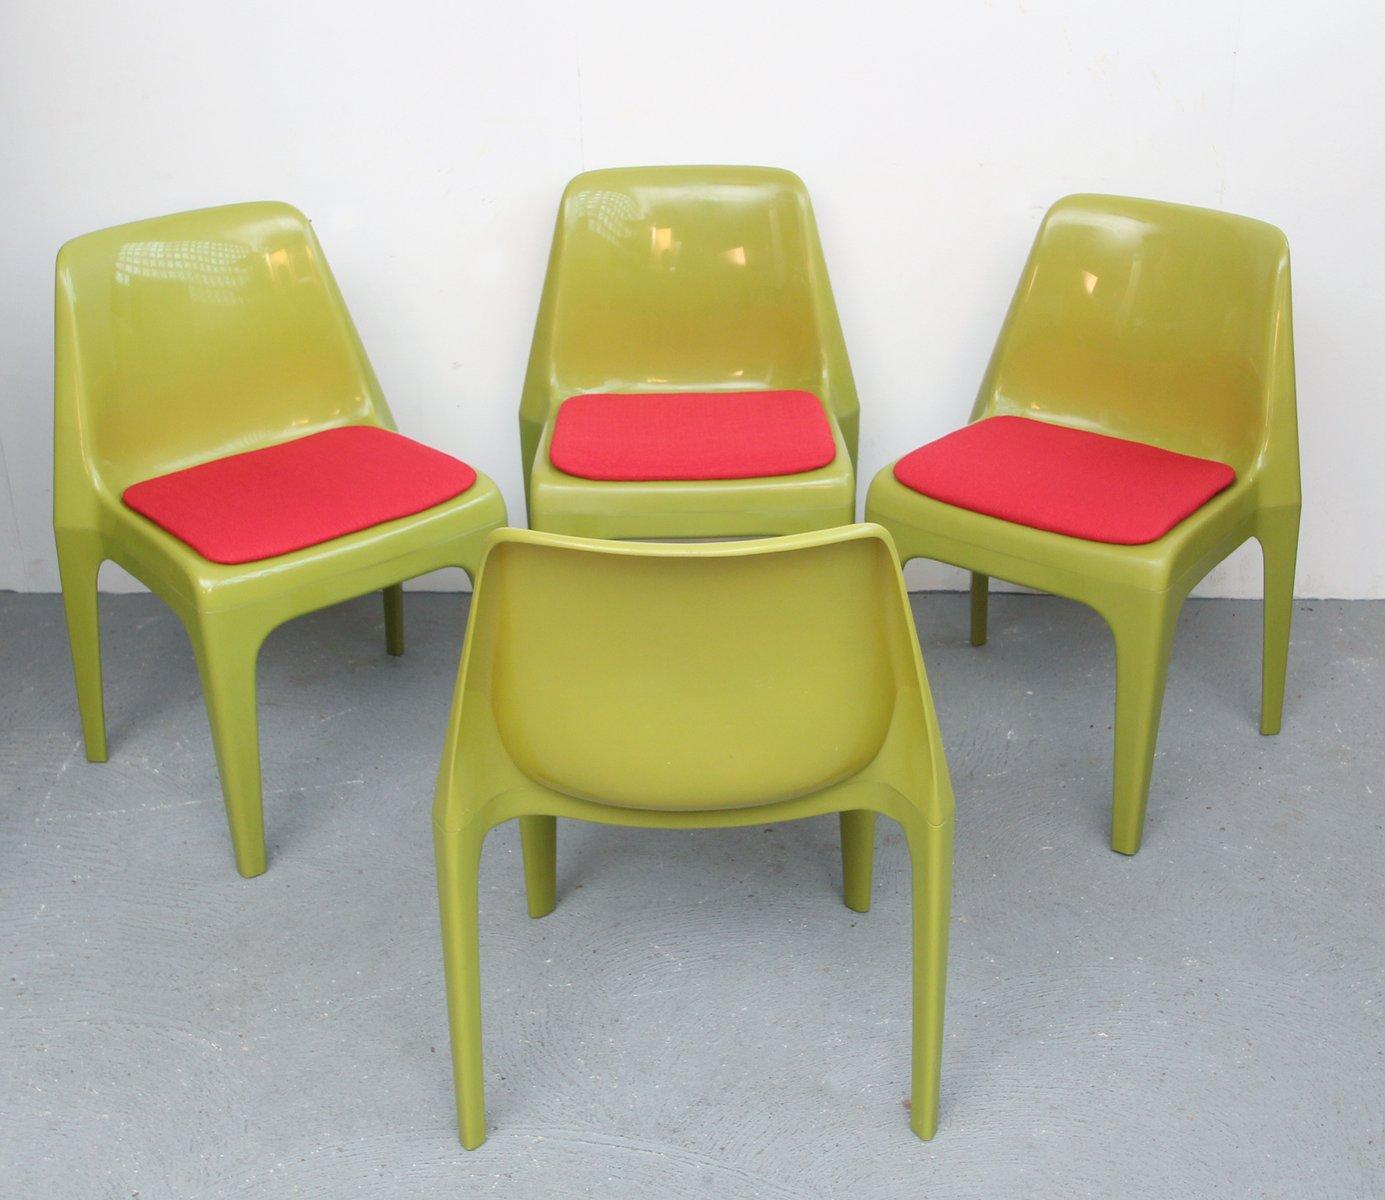 deutsche kunststoff st hle in rot gr n 1970er 4er set bei pamono kaufen. Black Bedroom Furniture Sets. Home Design Ideas